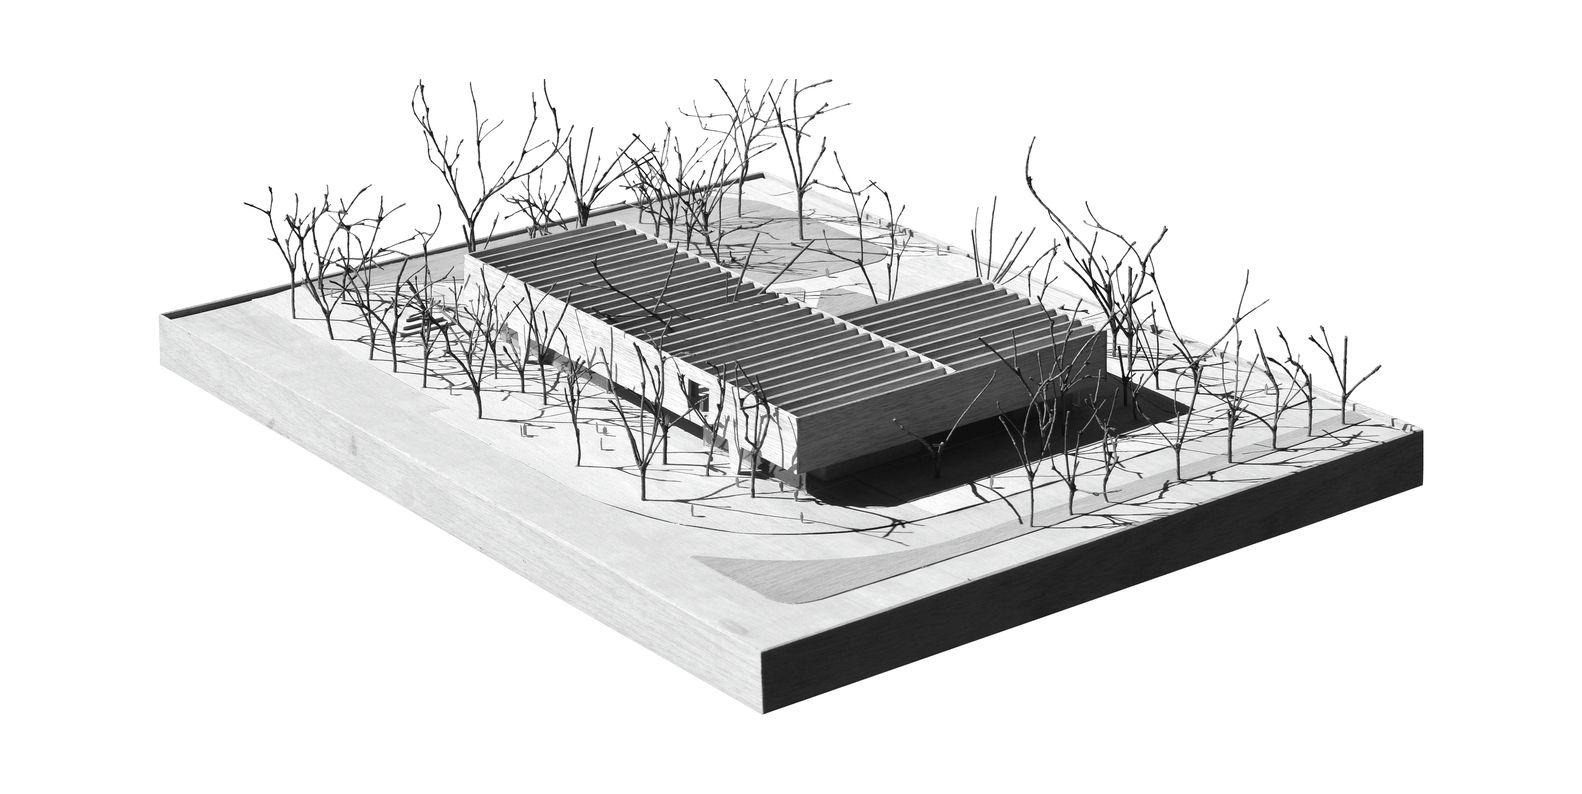 Galeria - Proposta finalista para o Museu Bauhaus faz uma ponte entre a cidade e o parque - 7